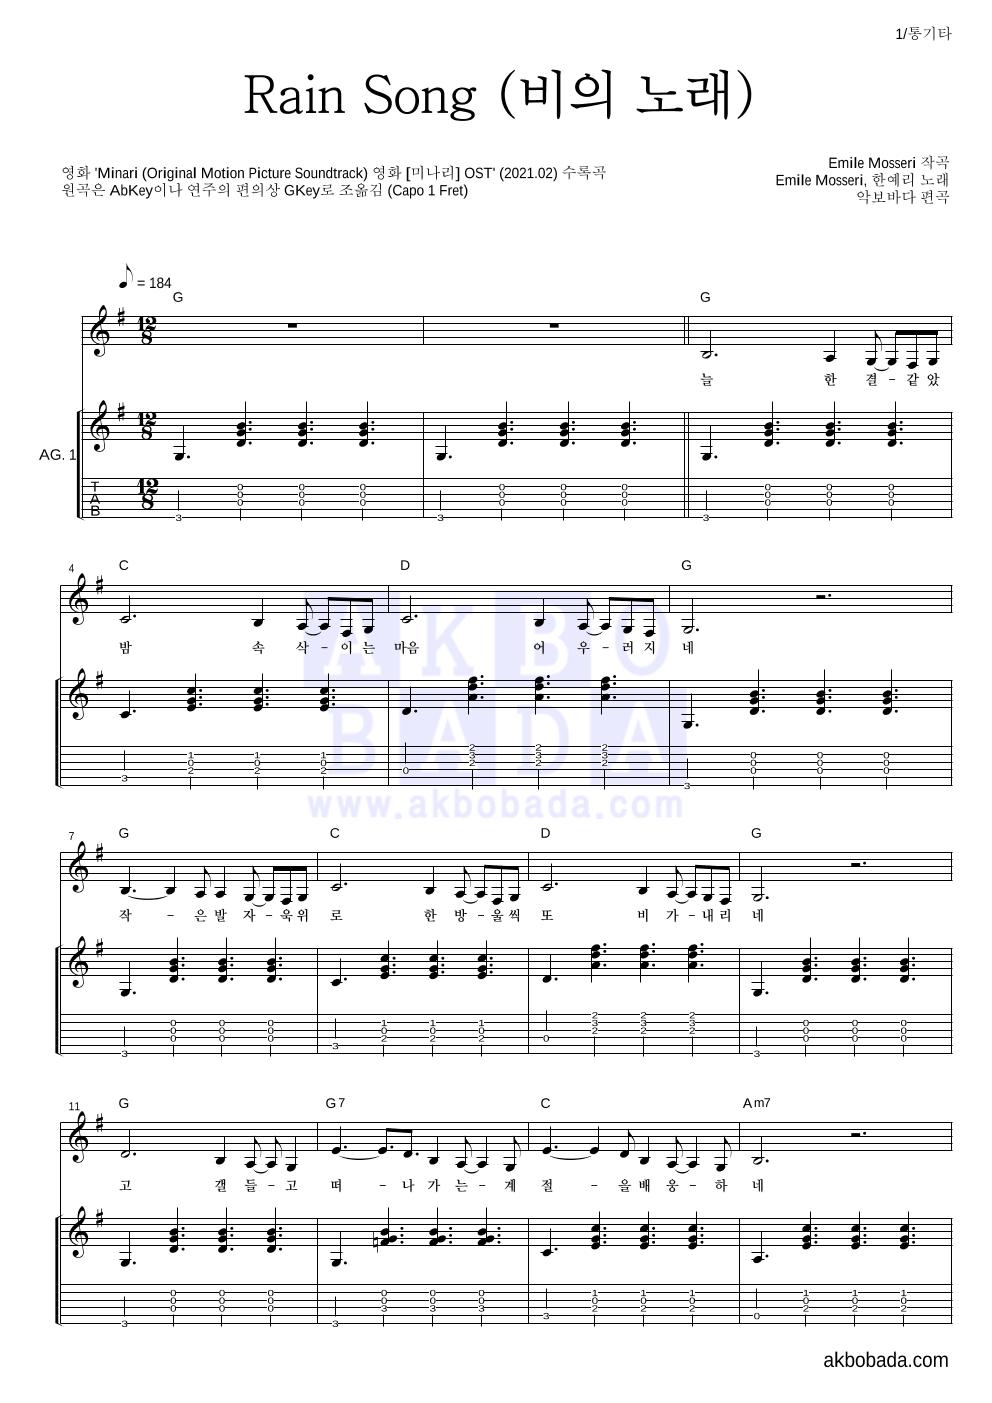 Emile Mosseri,한예리 - Rain Song(비의 노래) 통기타 악보